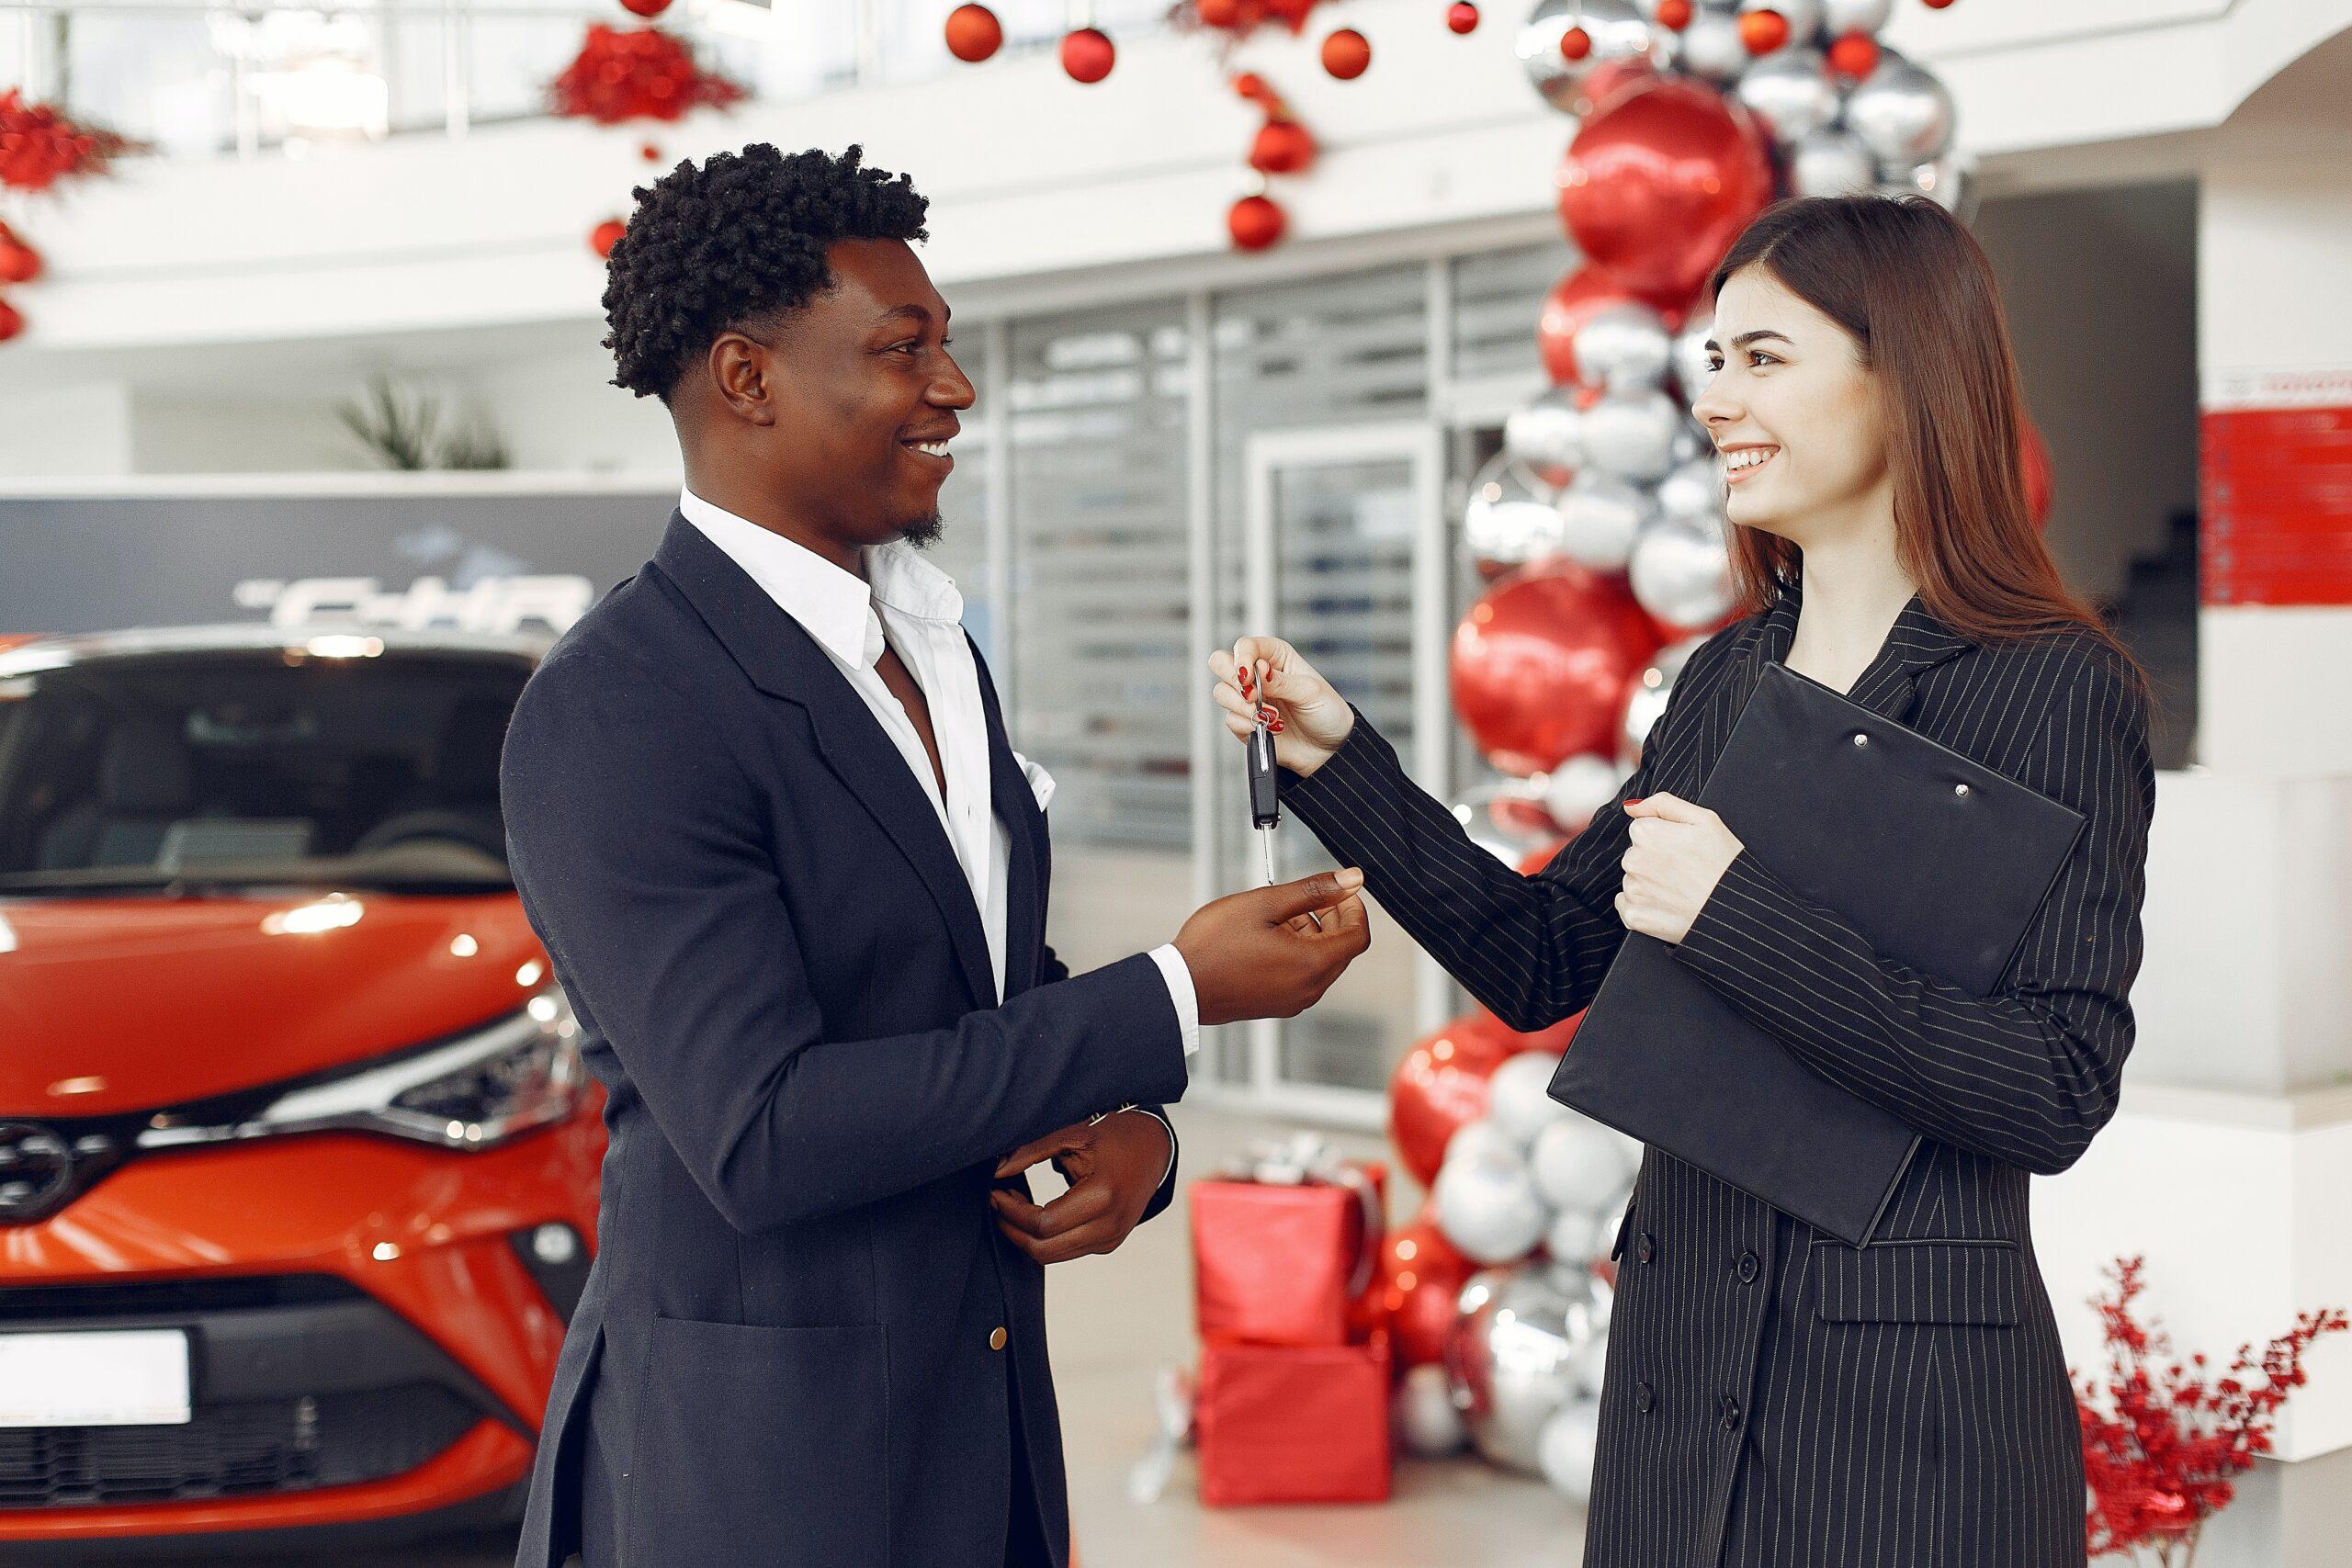 販売員から営業職に転職する秘訣をわかりやすく解説